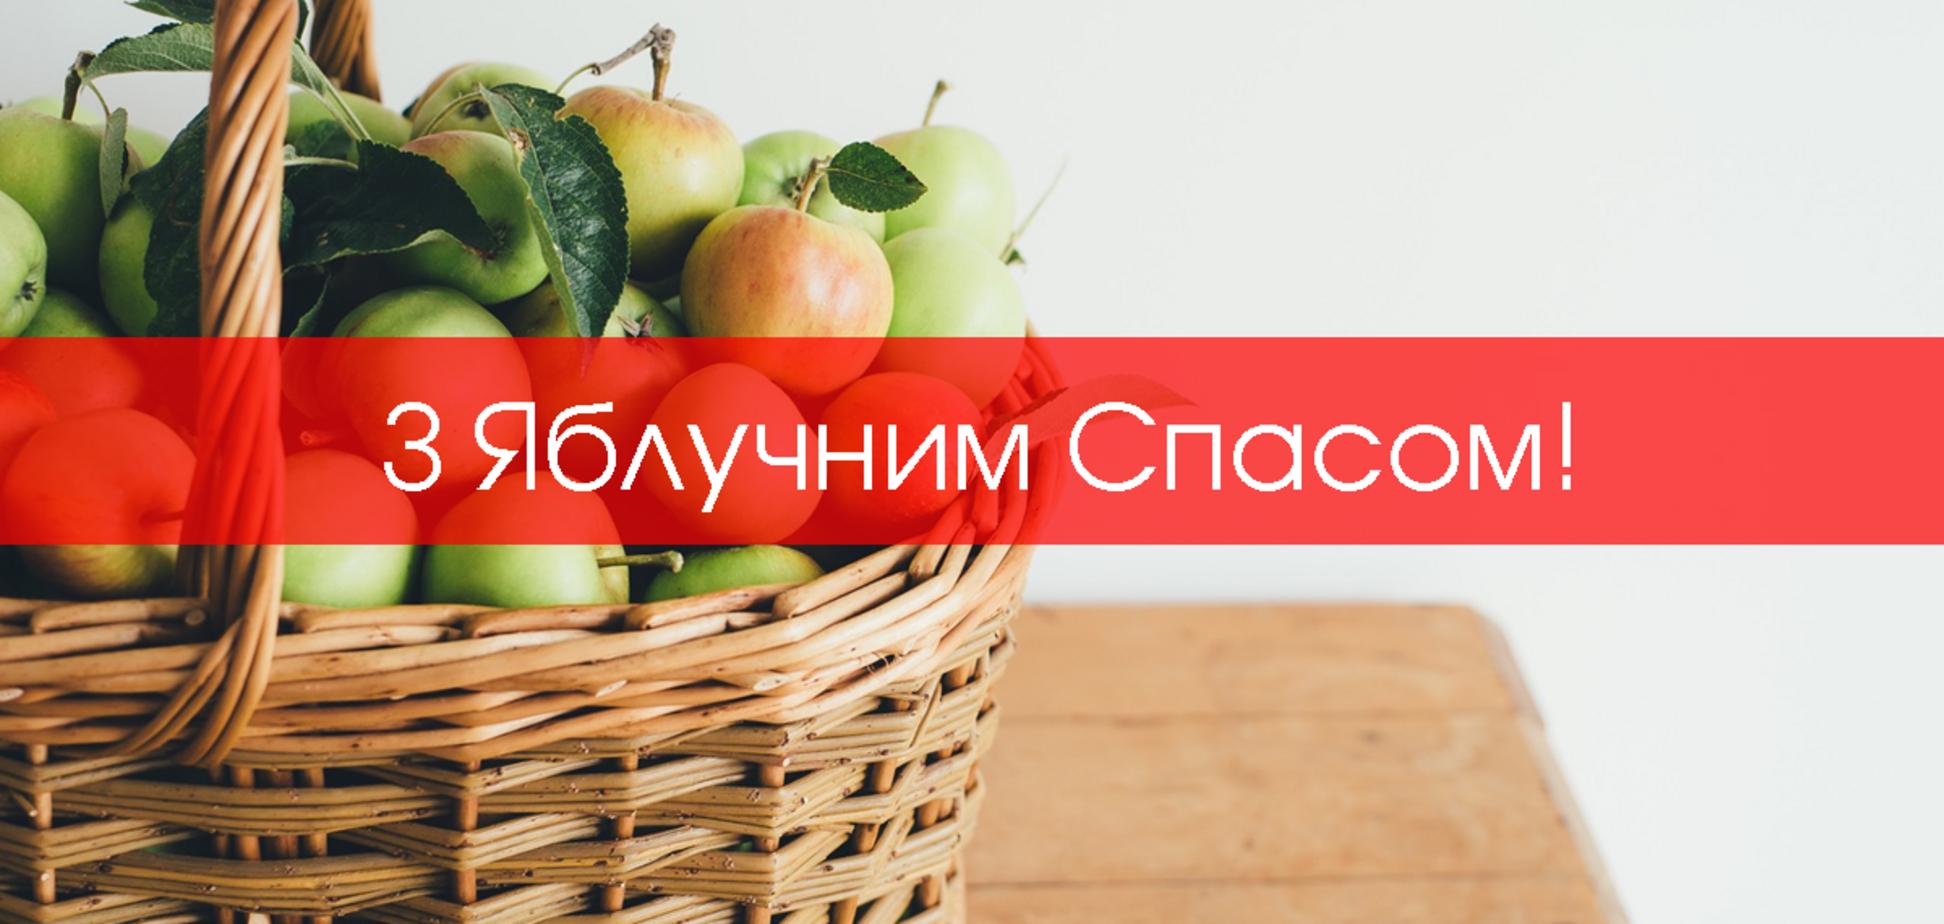 Яблочный Спас ежегодно отмечается 19 августа